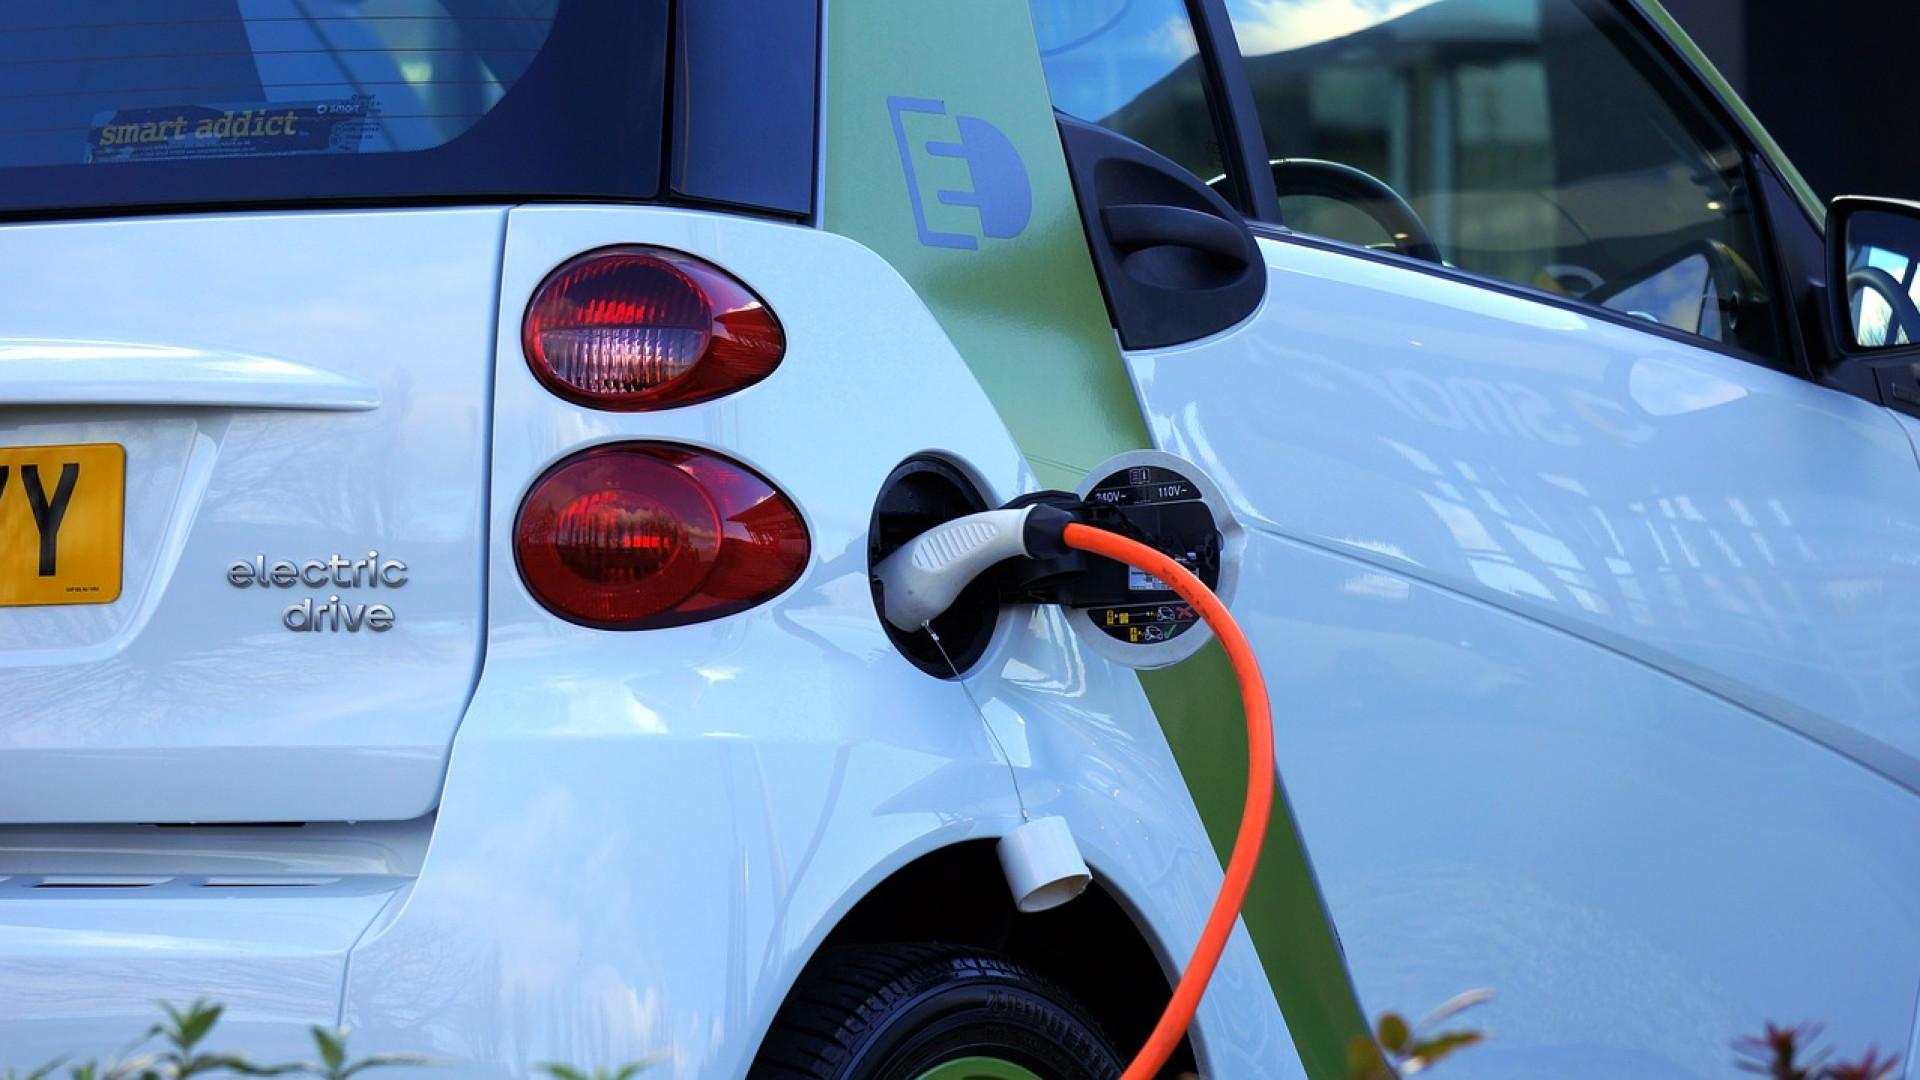 Avez-vous besoin d'une borne de recharge pour votre voiture électrique ?